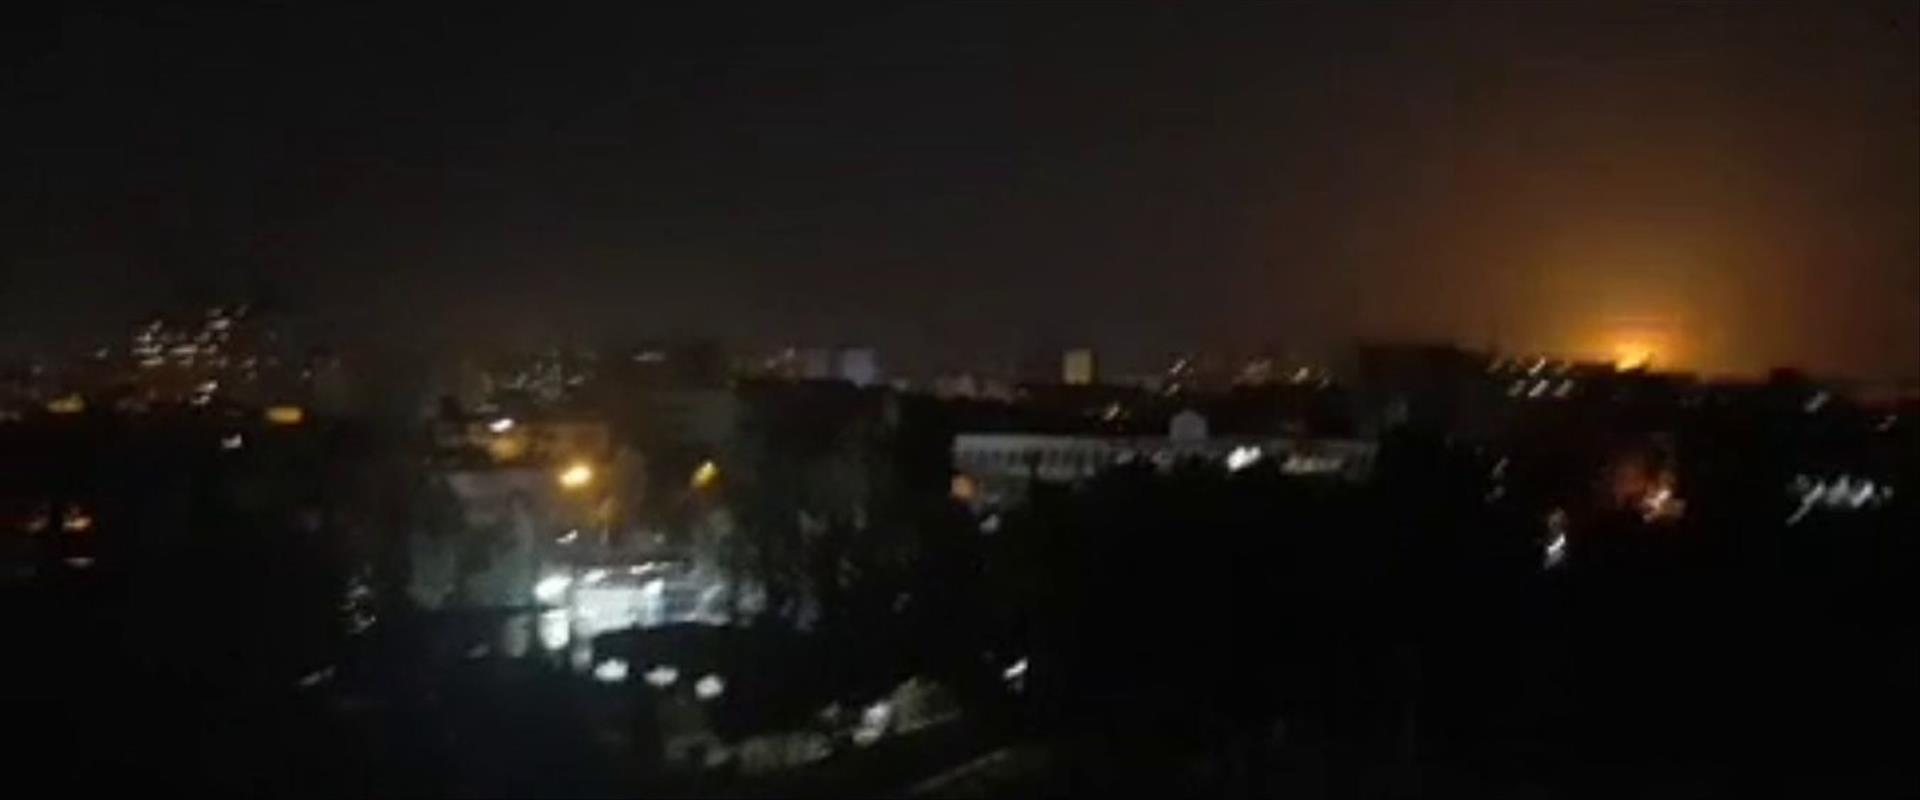 התקיפה בסוריה באוגוסט שיוחסה לישראל